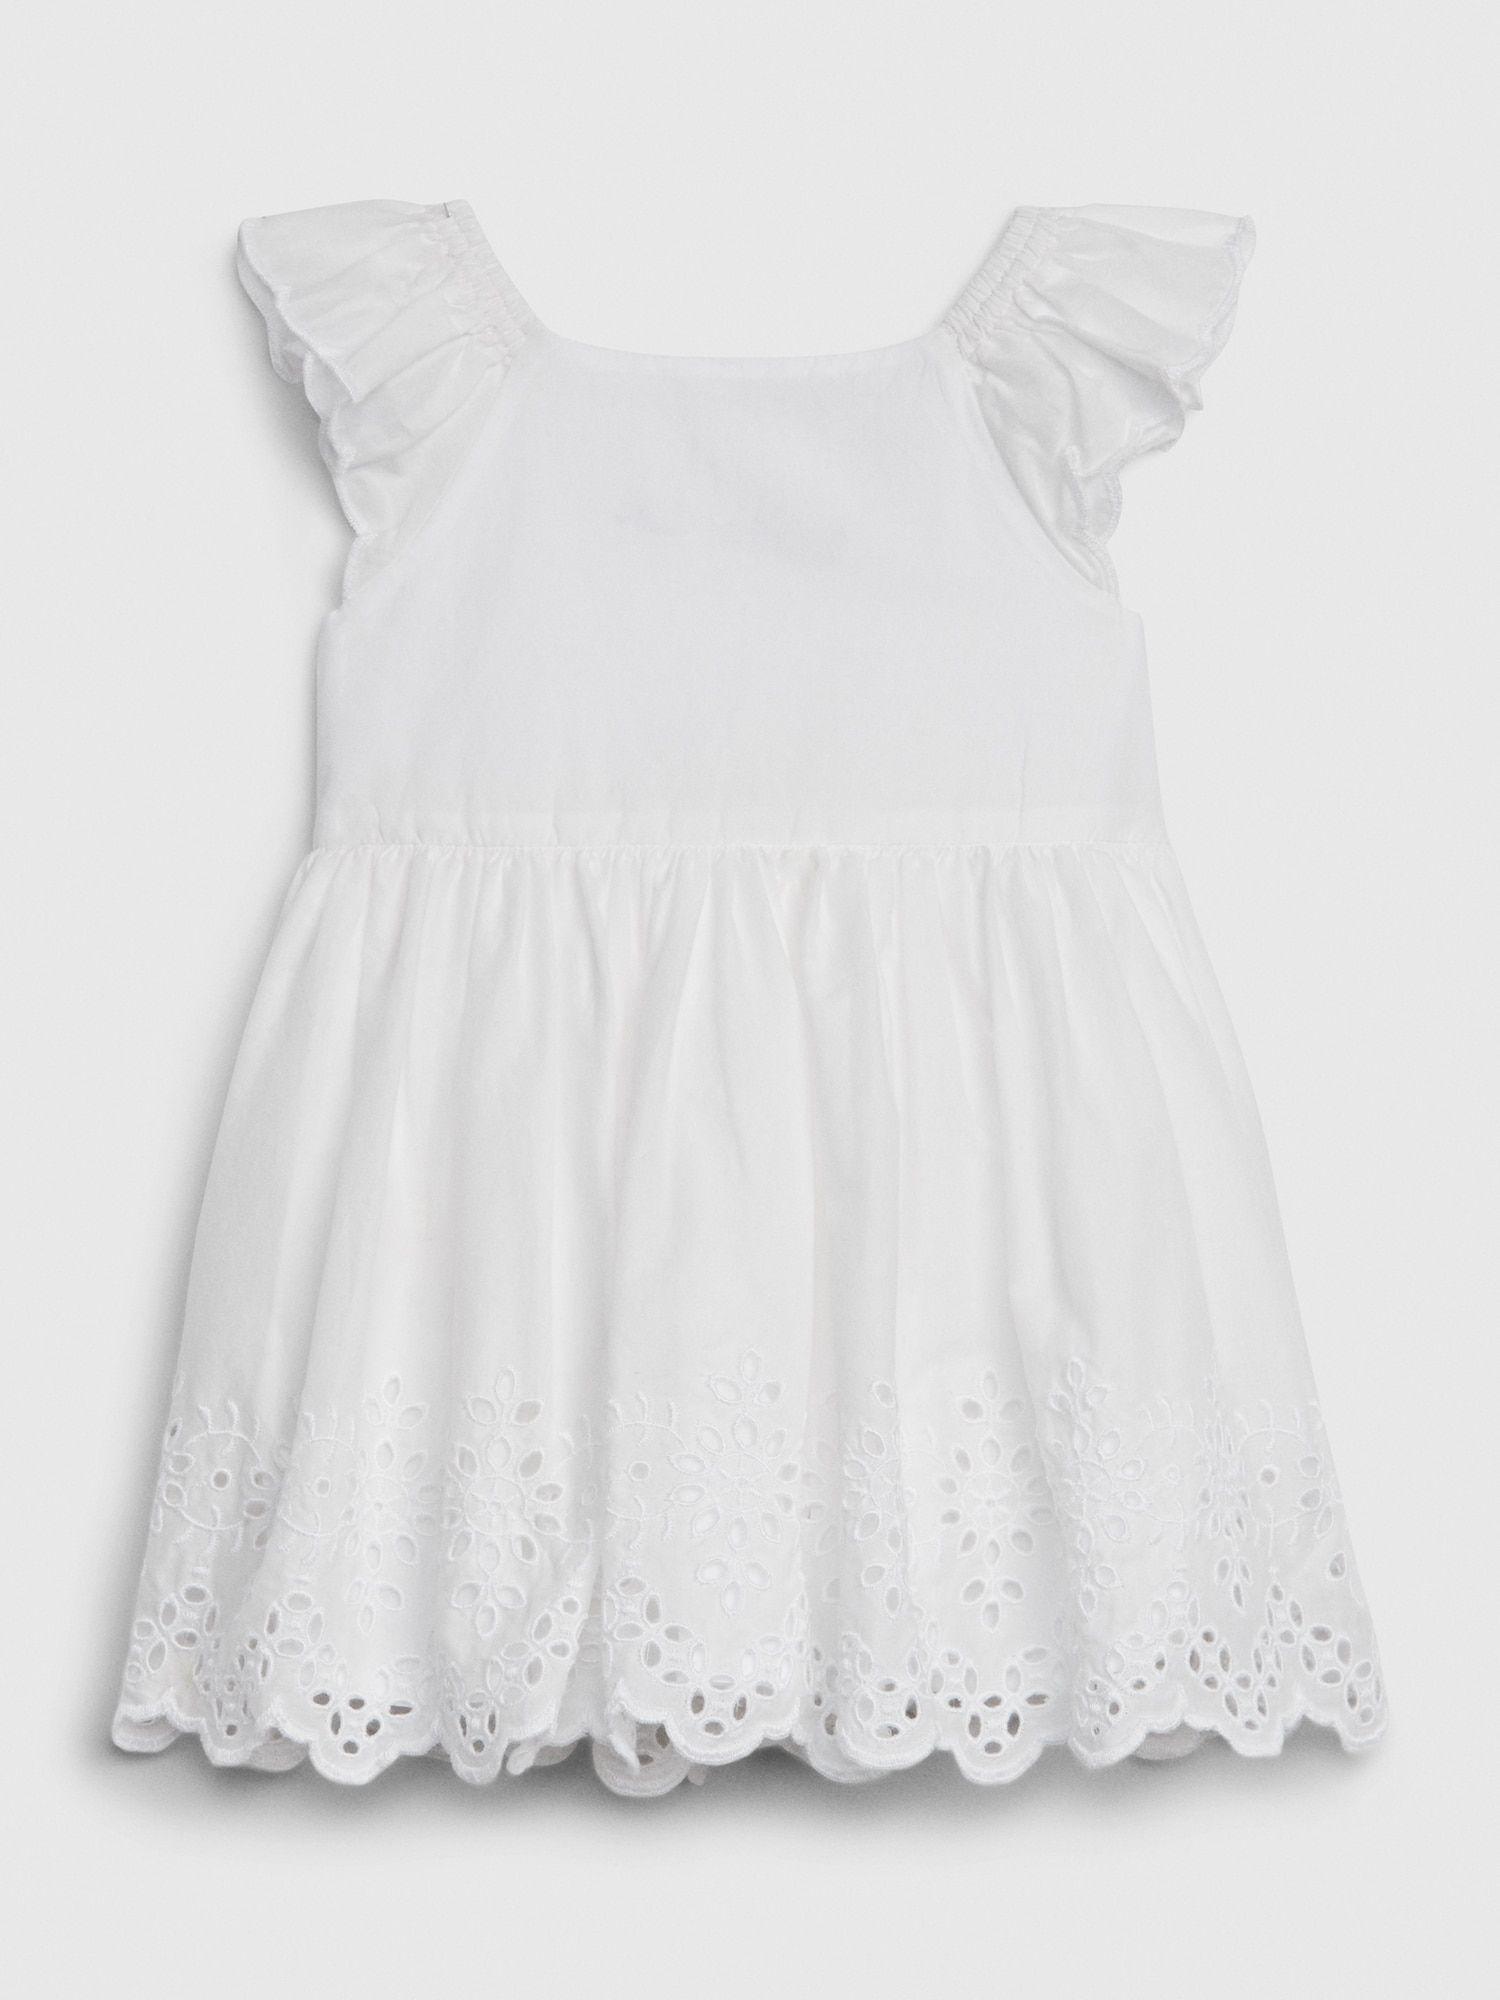 Baby Eyelet Flutter Dress Gap Baby Girl White Dress Baby Girl Dresses Baby Eyelet [ 2000 x 1500 Pixel ]